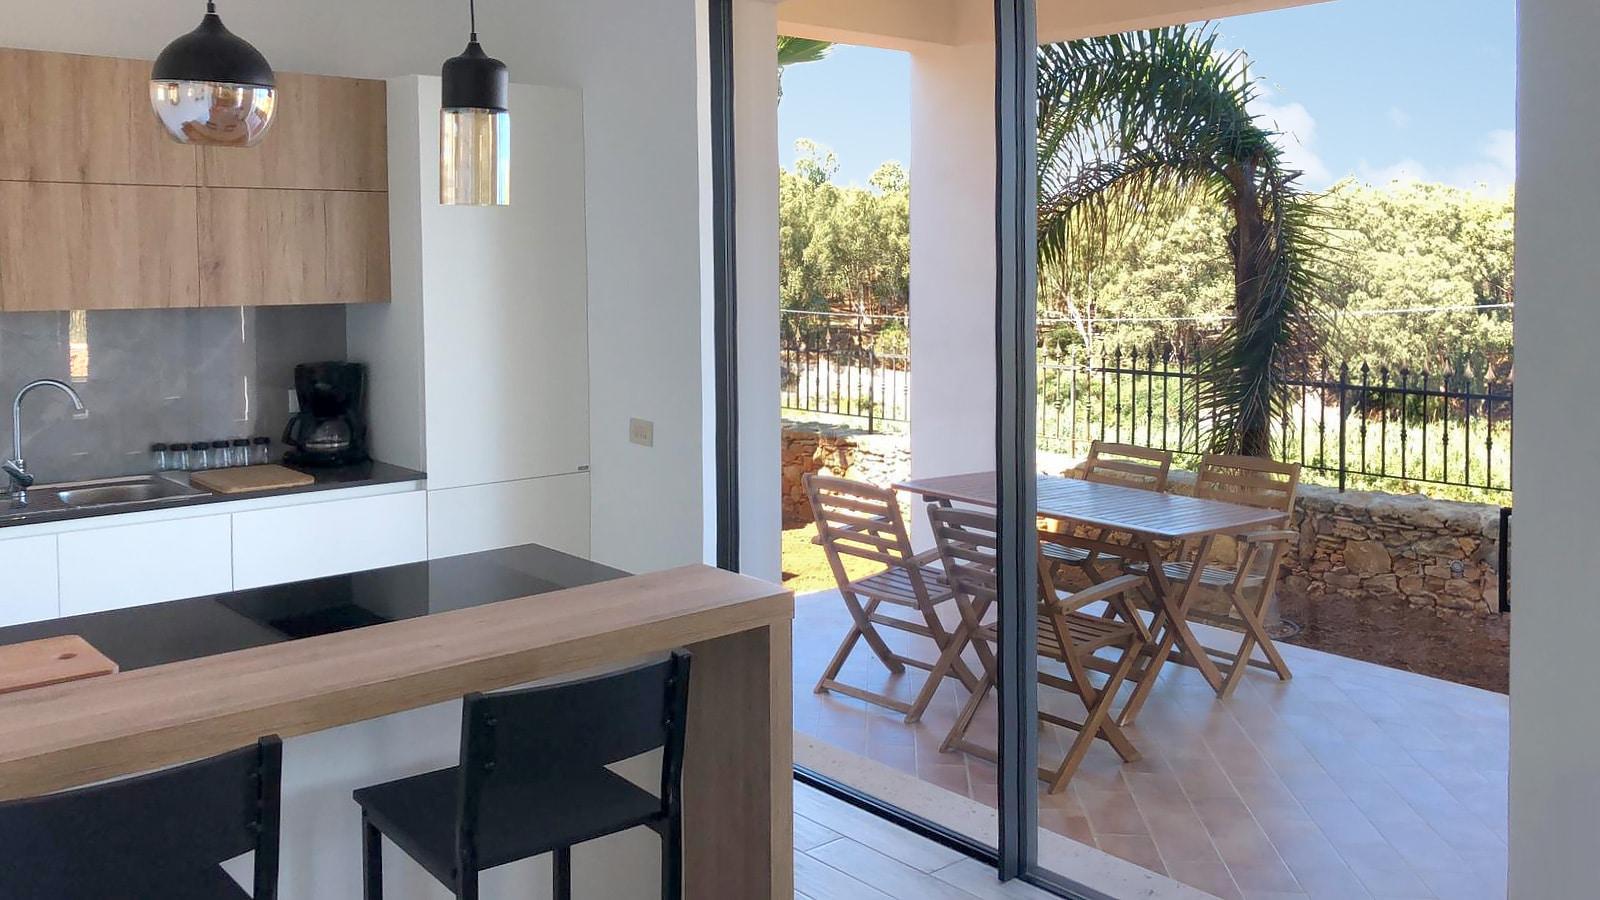 De nieuwe keuken met de schuifdeuren naar het overdekte terras